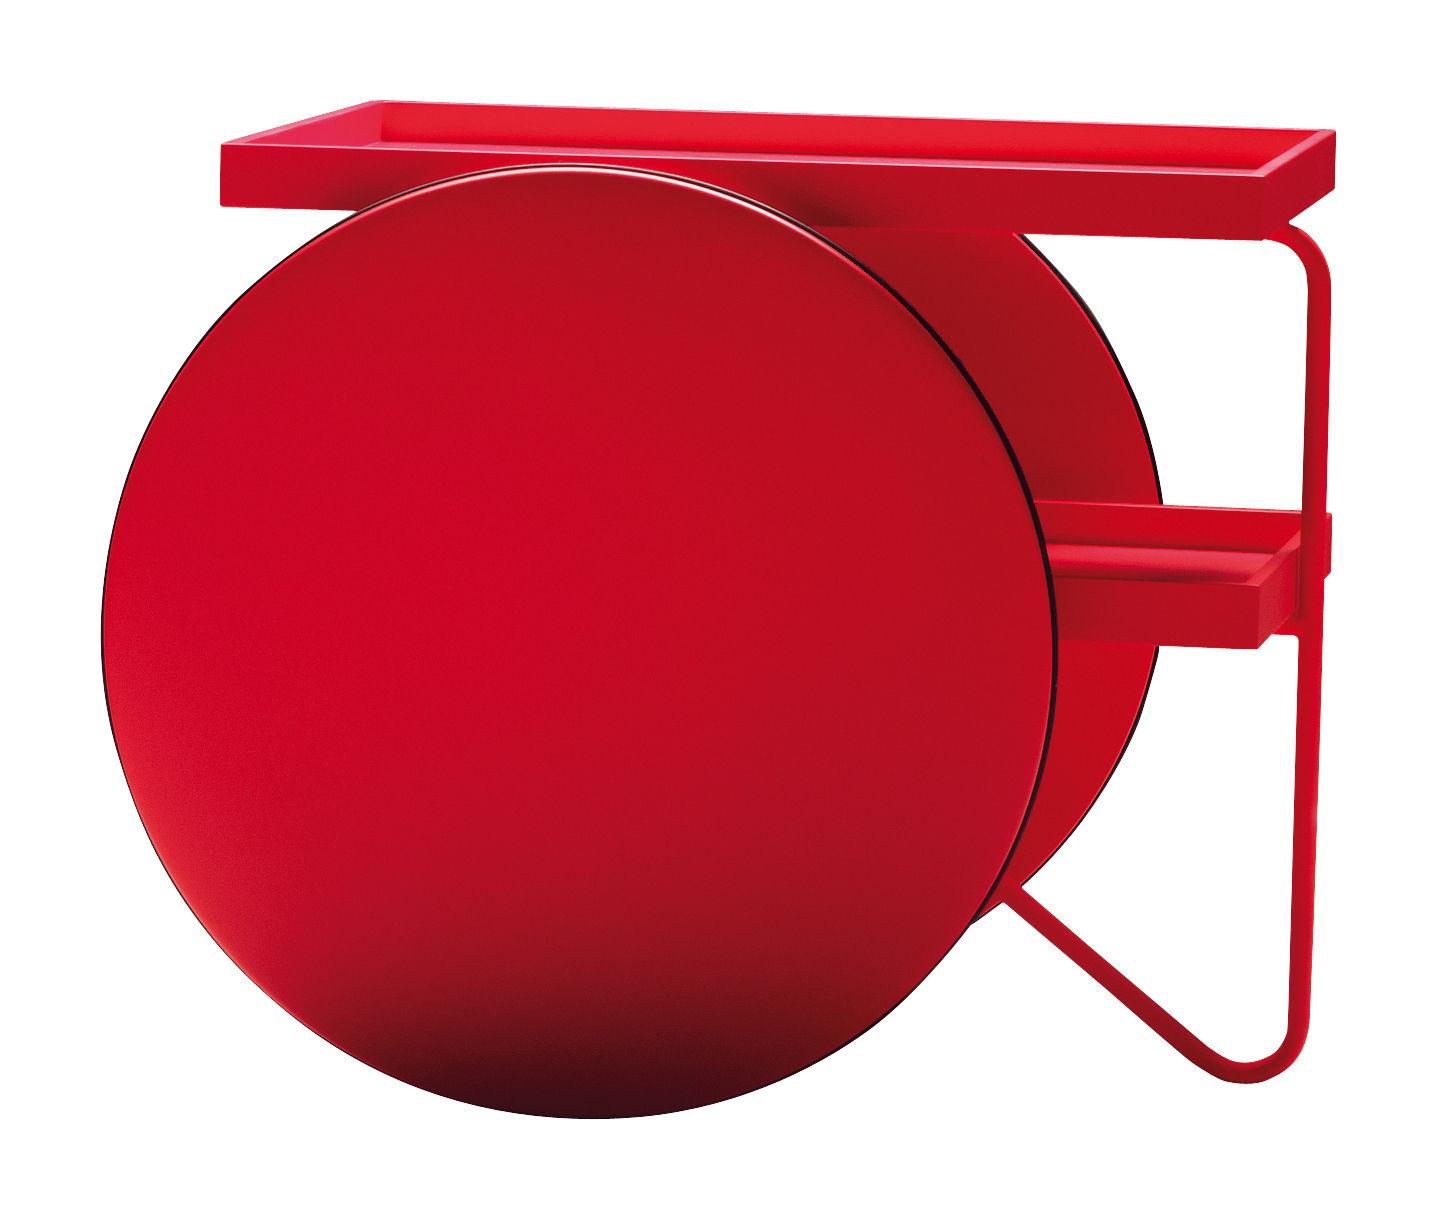 Arredamento - Complementi d'arredo - Carrello/tavolo d'appoggio Chariot di Casamania - Rosso fluo - MDF laccato